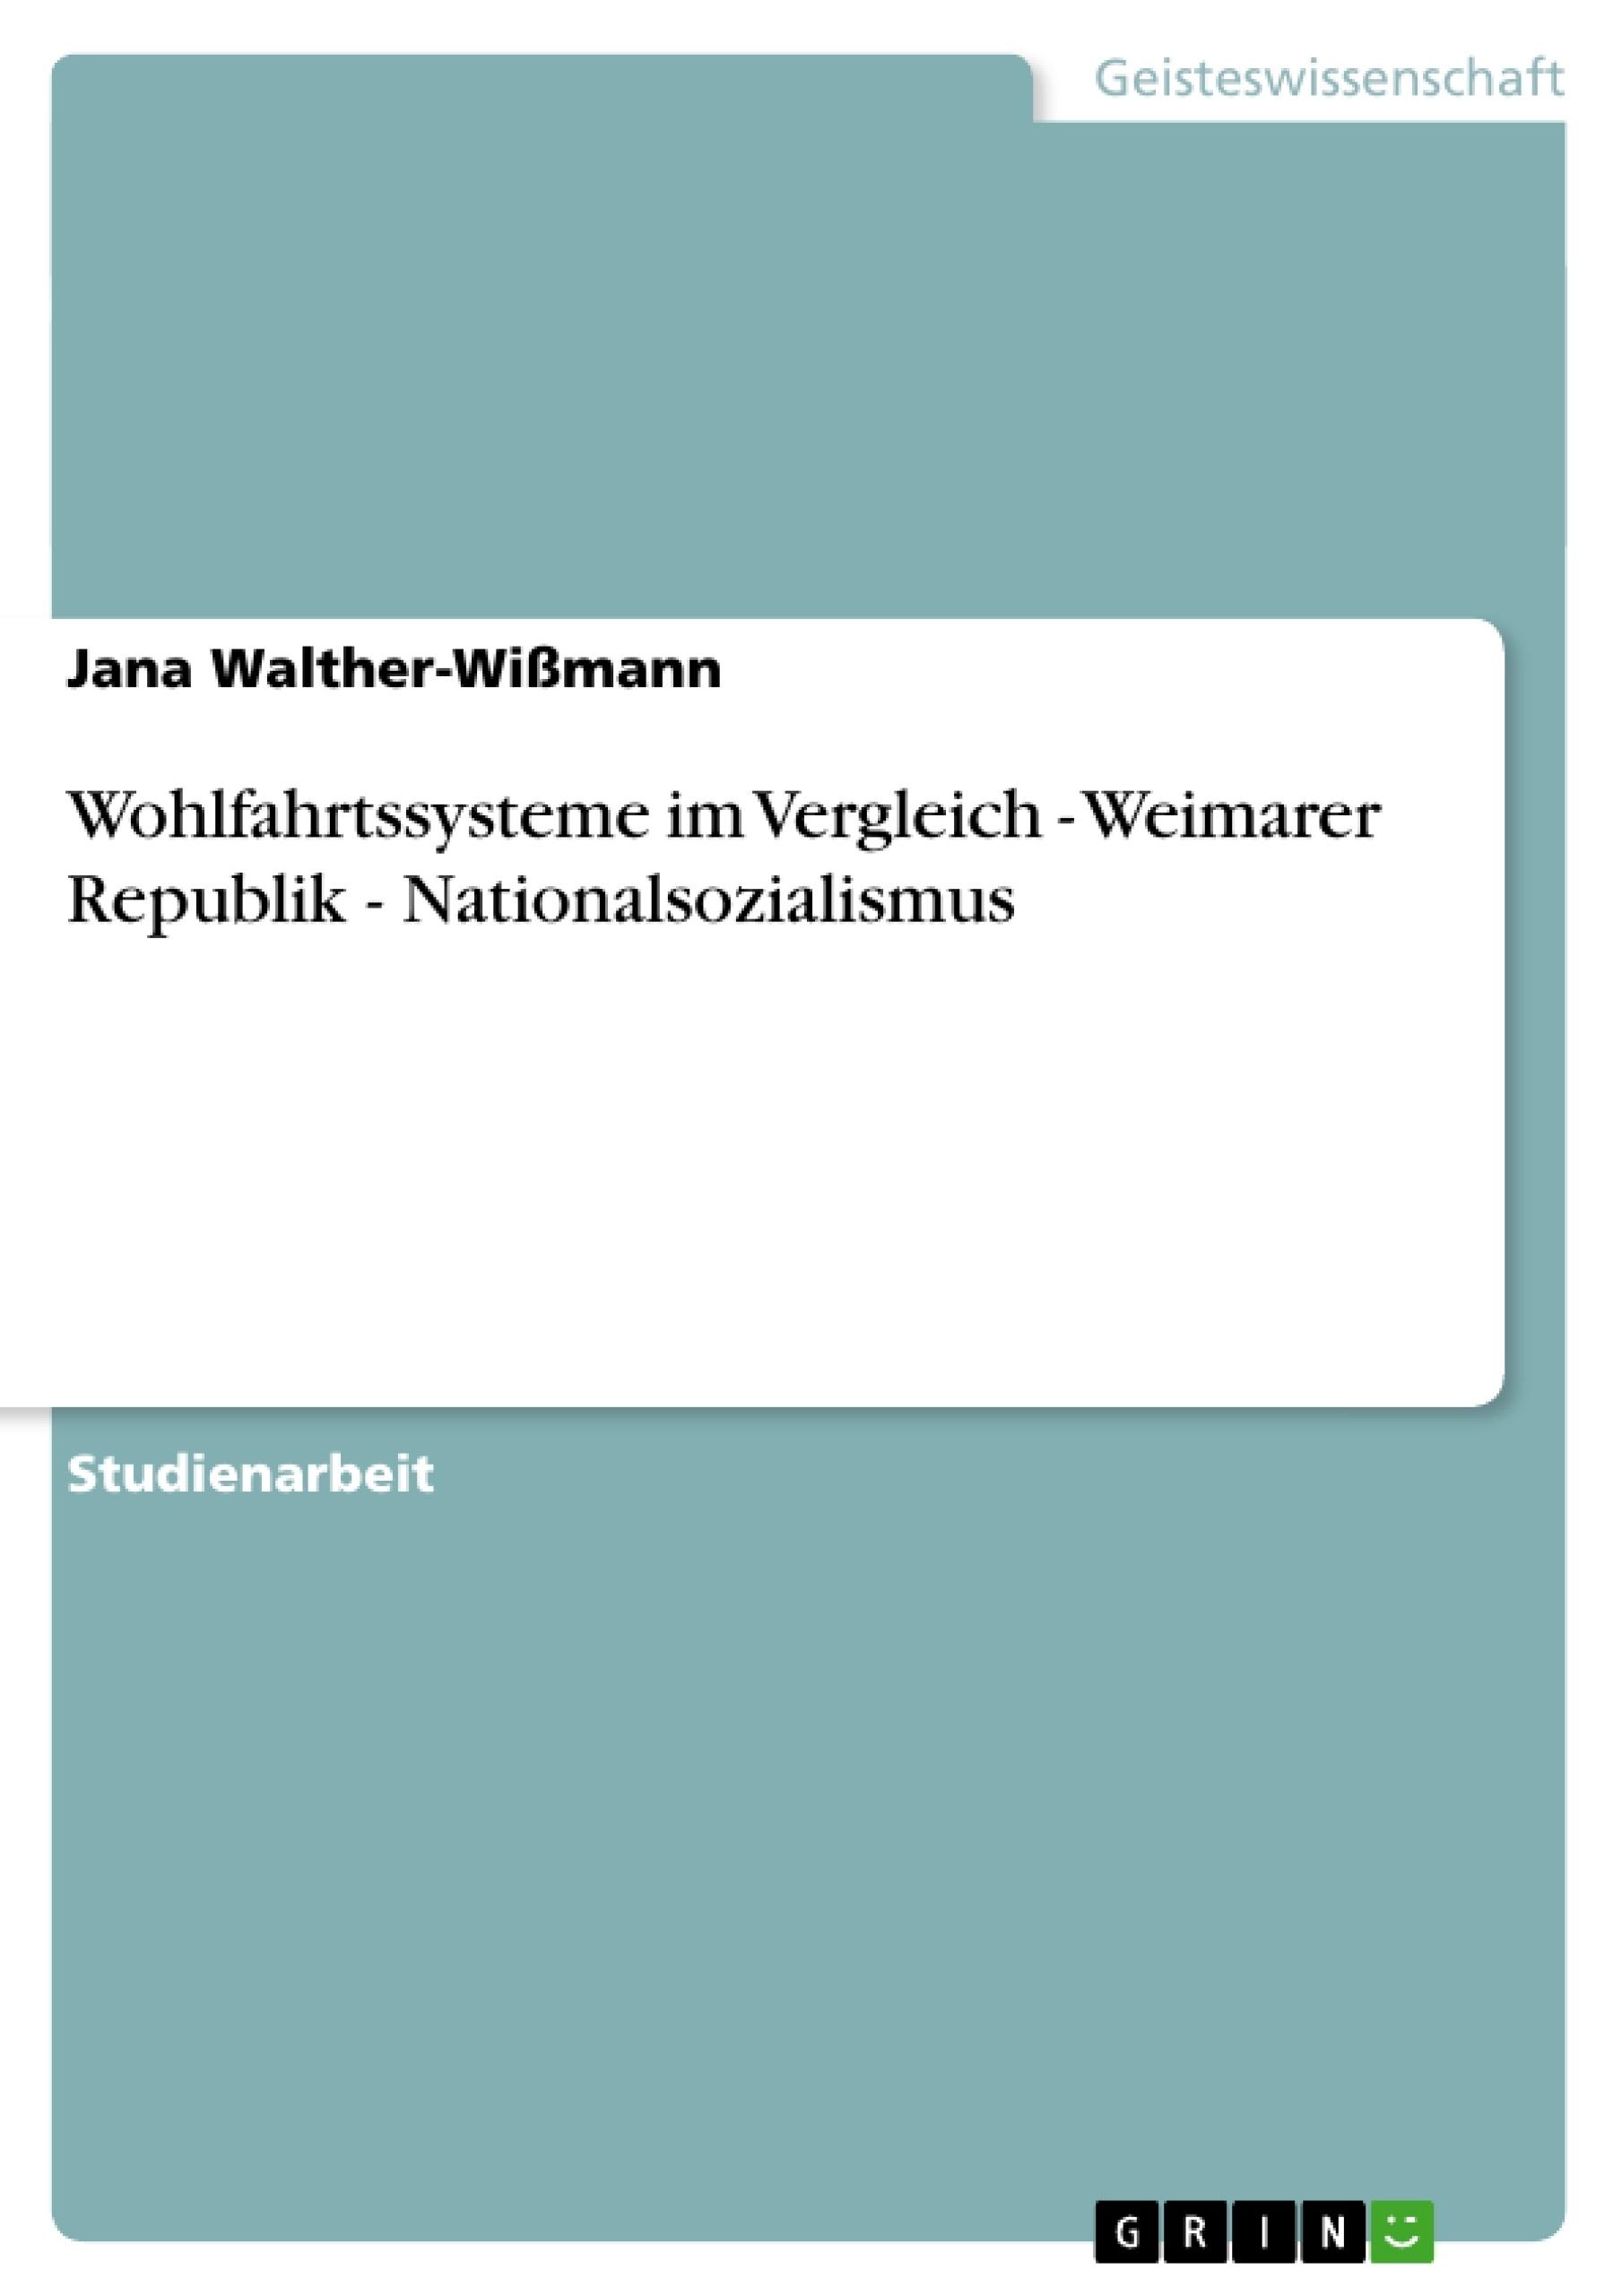 Titel: Wohlfahrtssysteme im Vergleich - Weimarer Republik - Nationalsozialismus